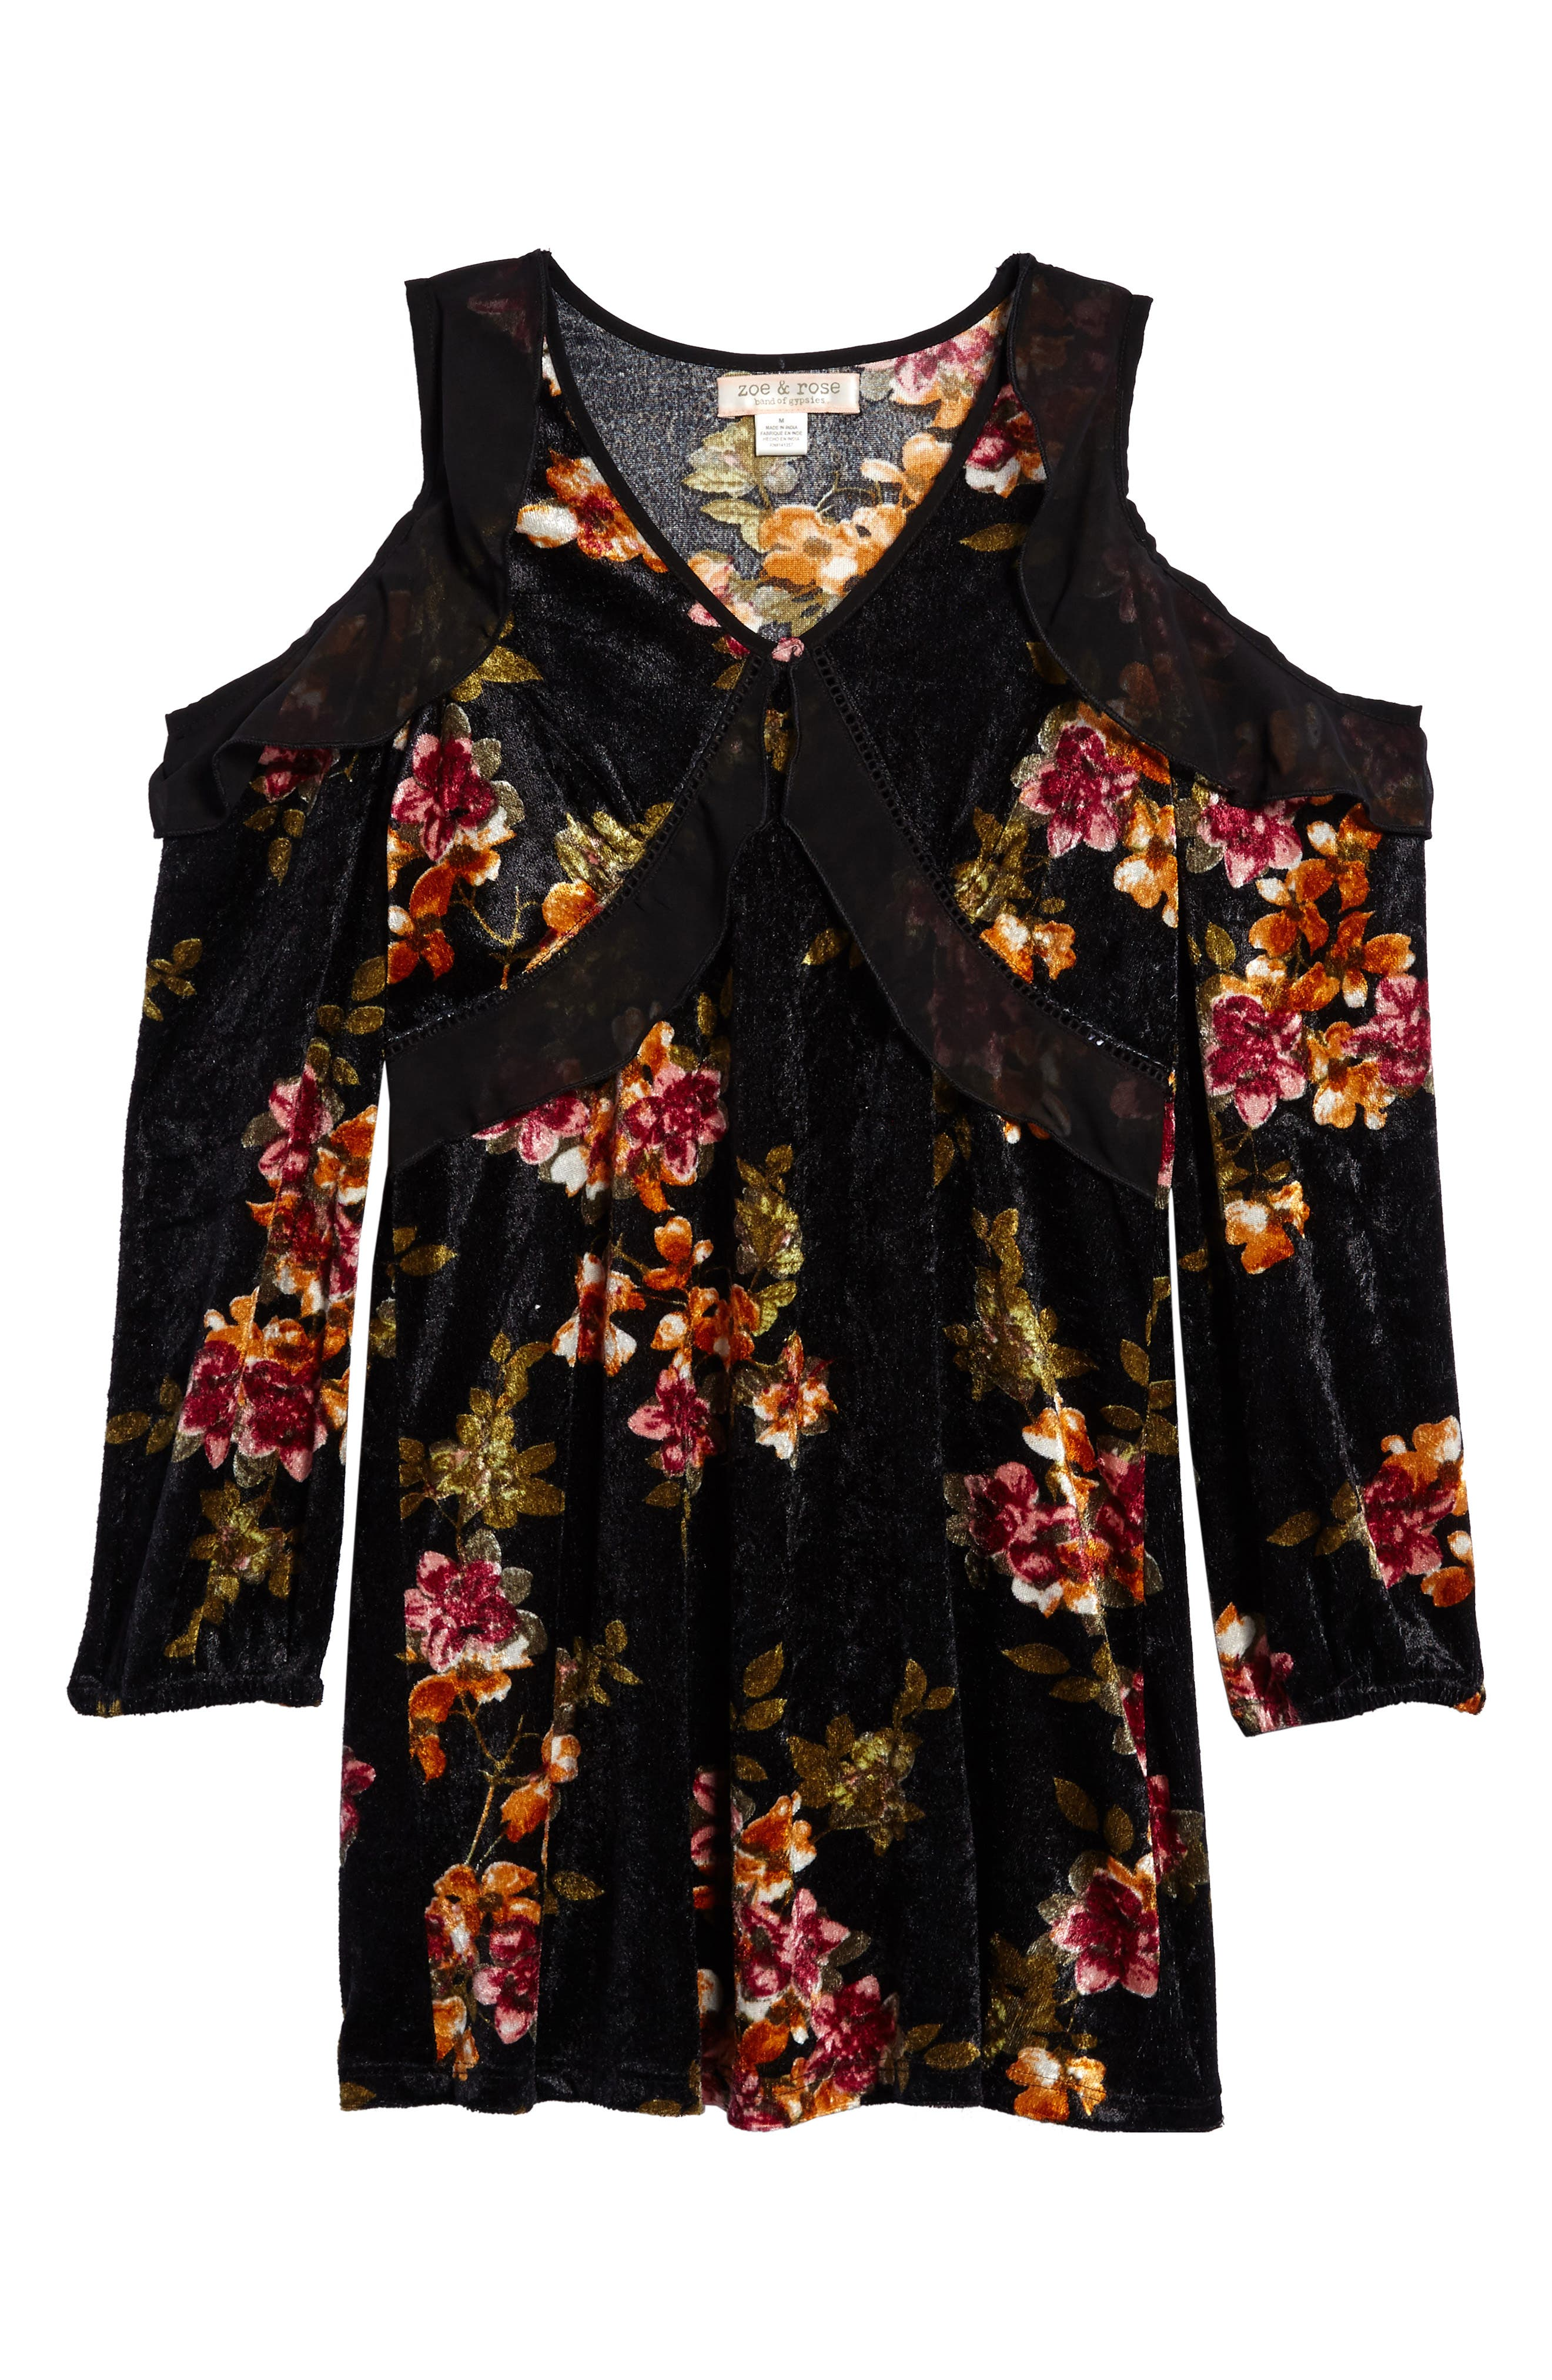 Main Image - Zoe and Rose Floral Velvet Cold Shoulder Dress (Big Girls)